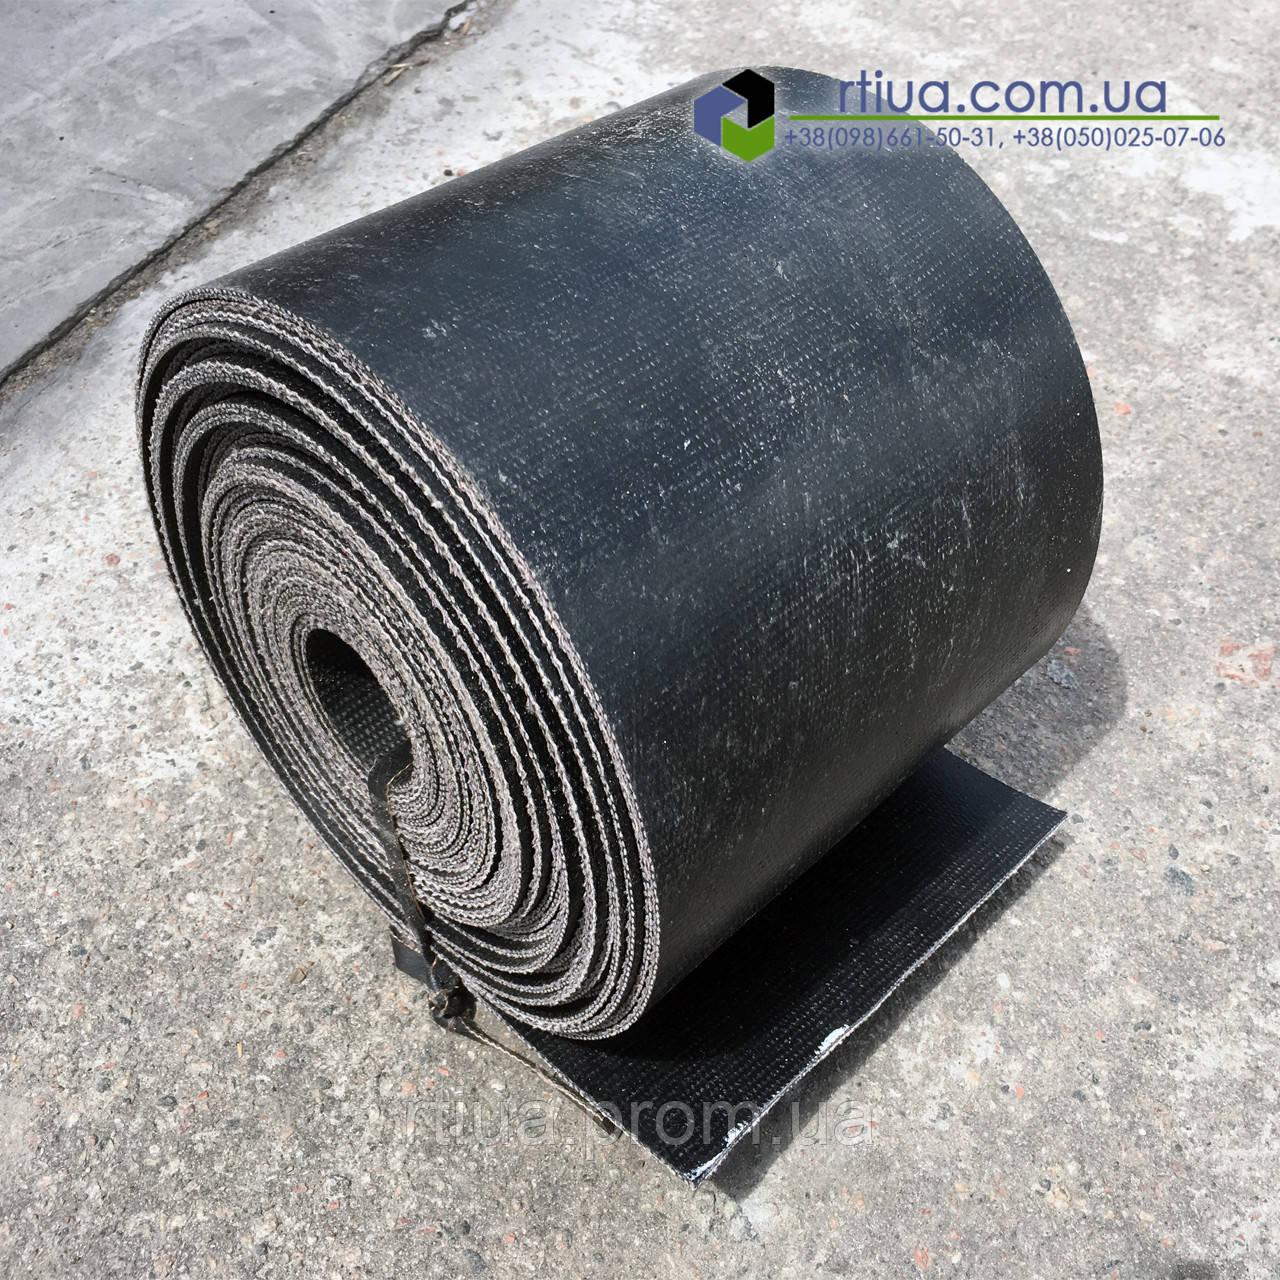 Транспортерная лента БКНЛ, 200х4 мм